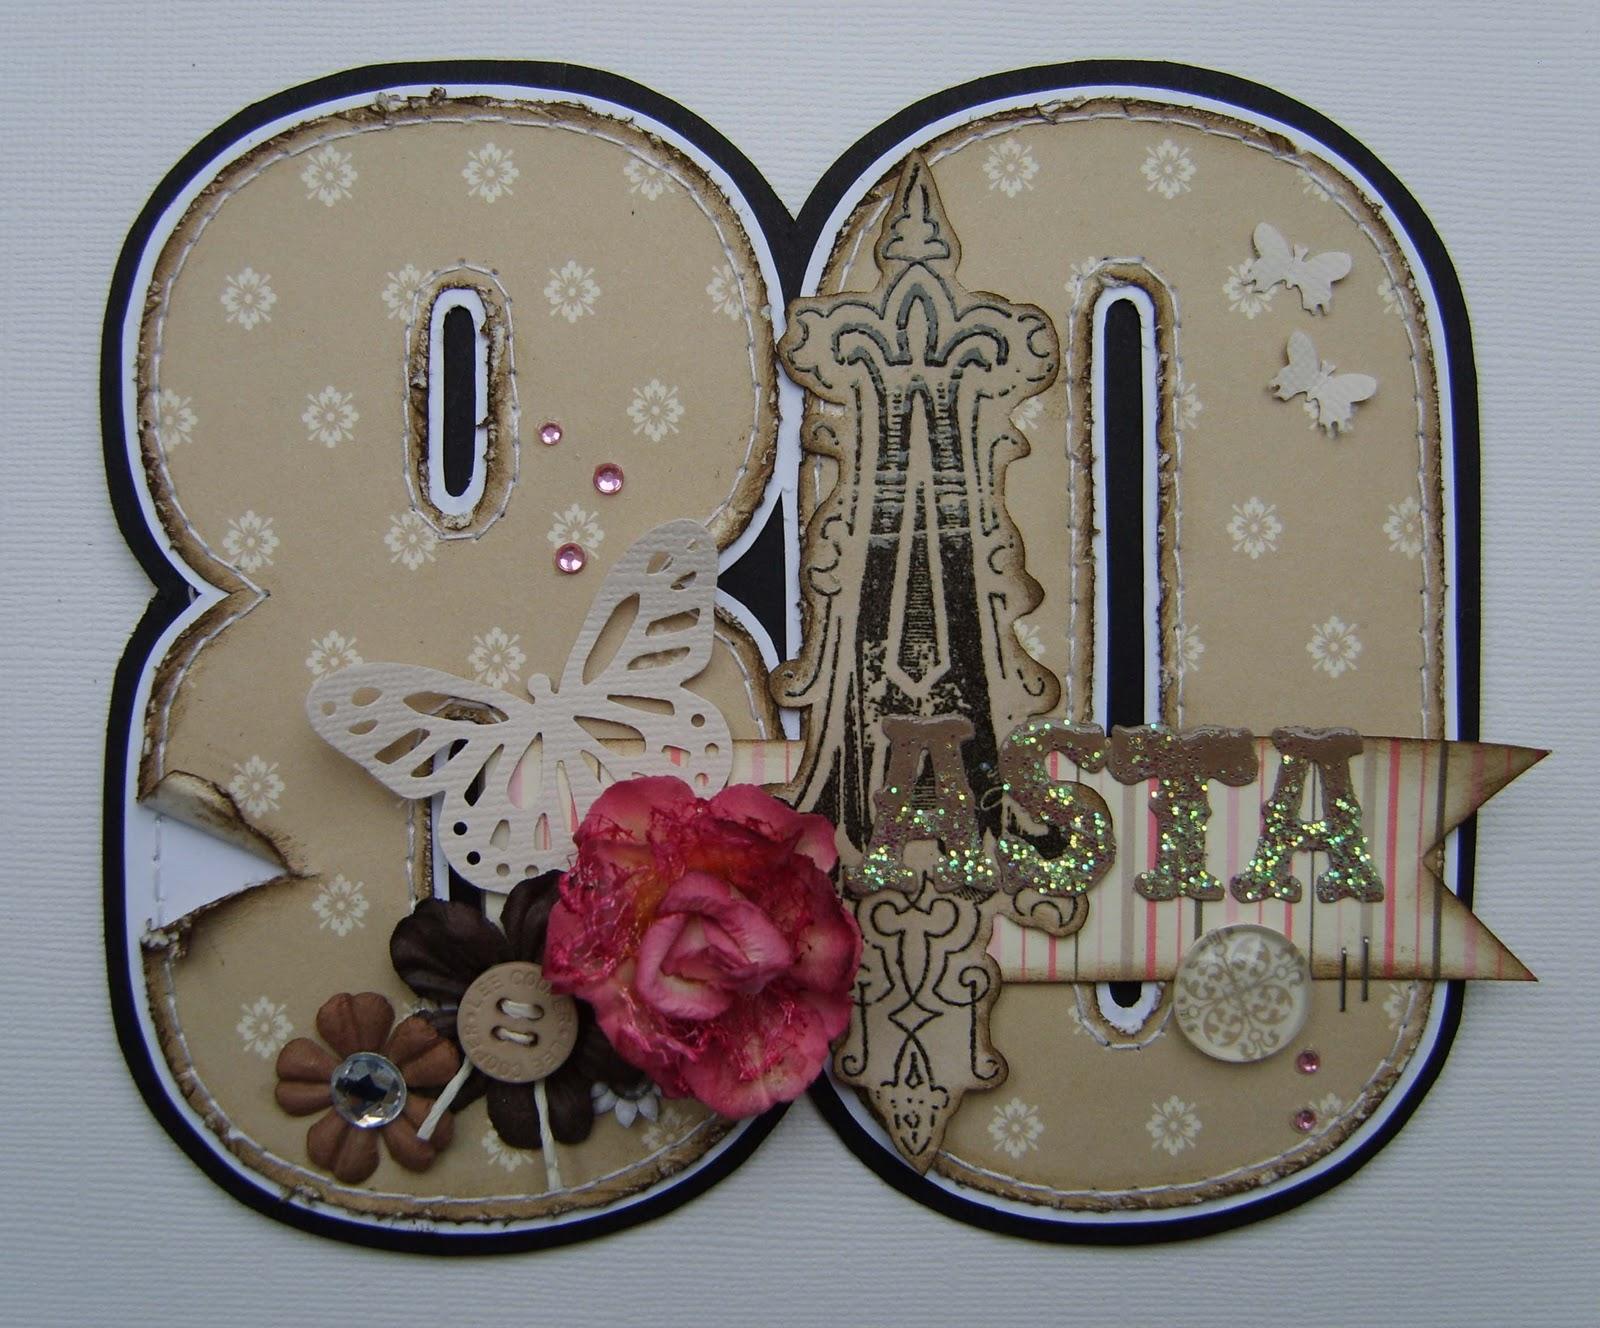 80 års fødselsdag tekst